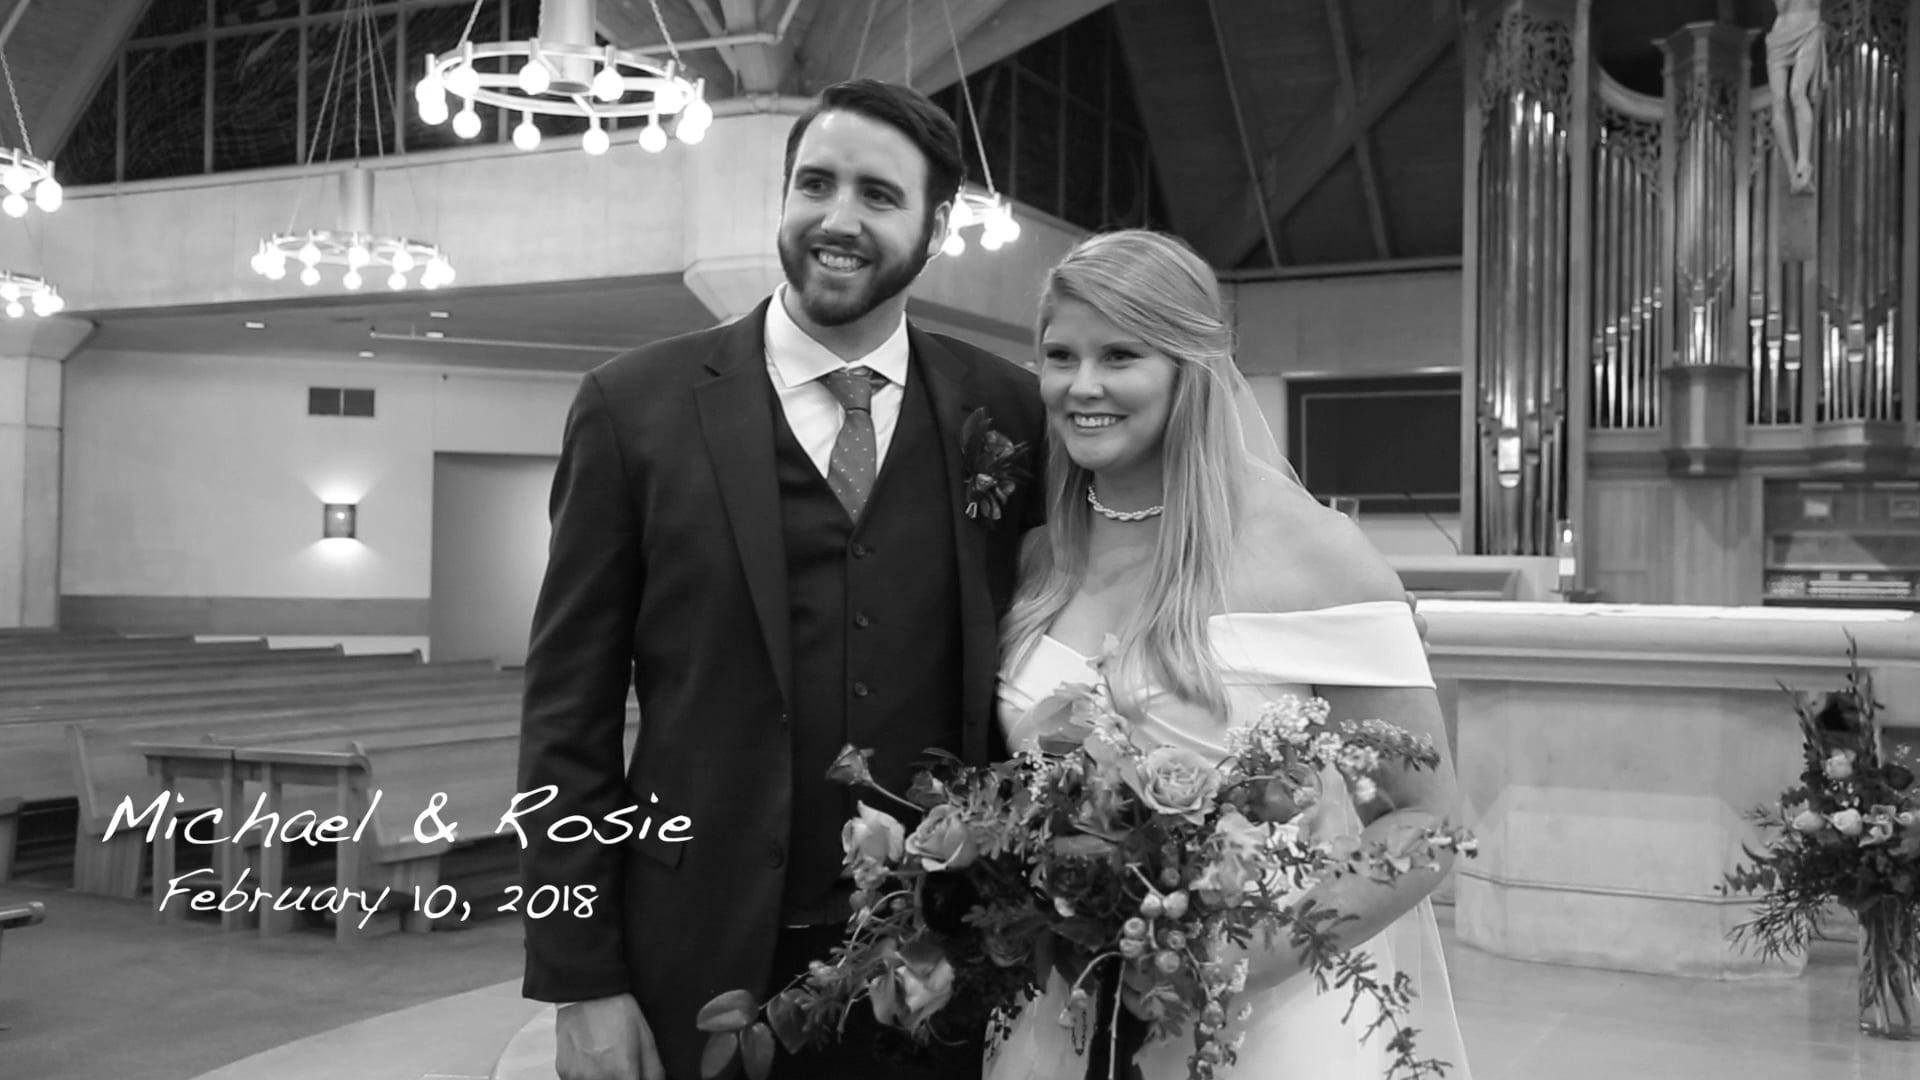 Rosie and Michael Reichenstein